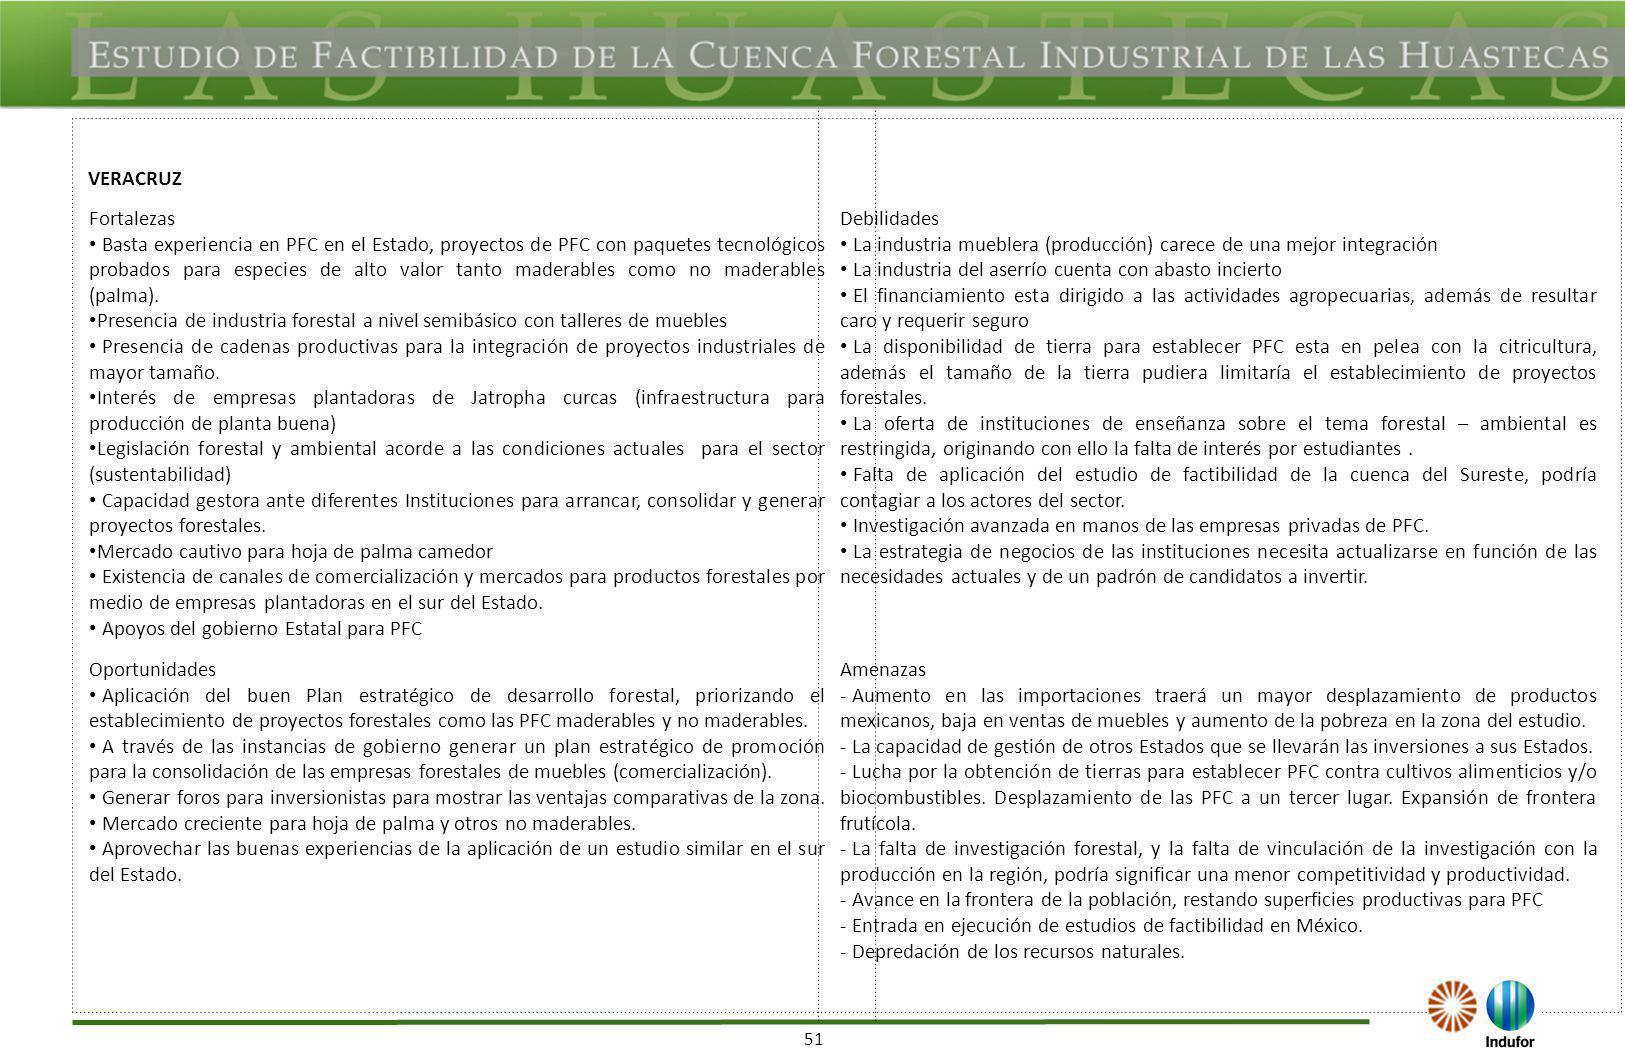 51 VERACRUZ Fortalezas Basta experiencia en PFC en el Estado, proyectos de PFC con paquetes tecnológicos probados para especies de alto valor tanto ma